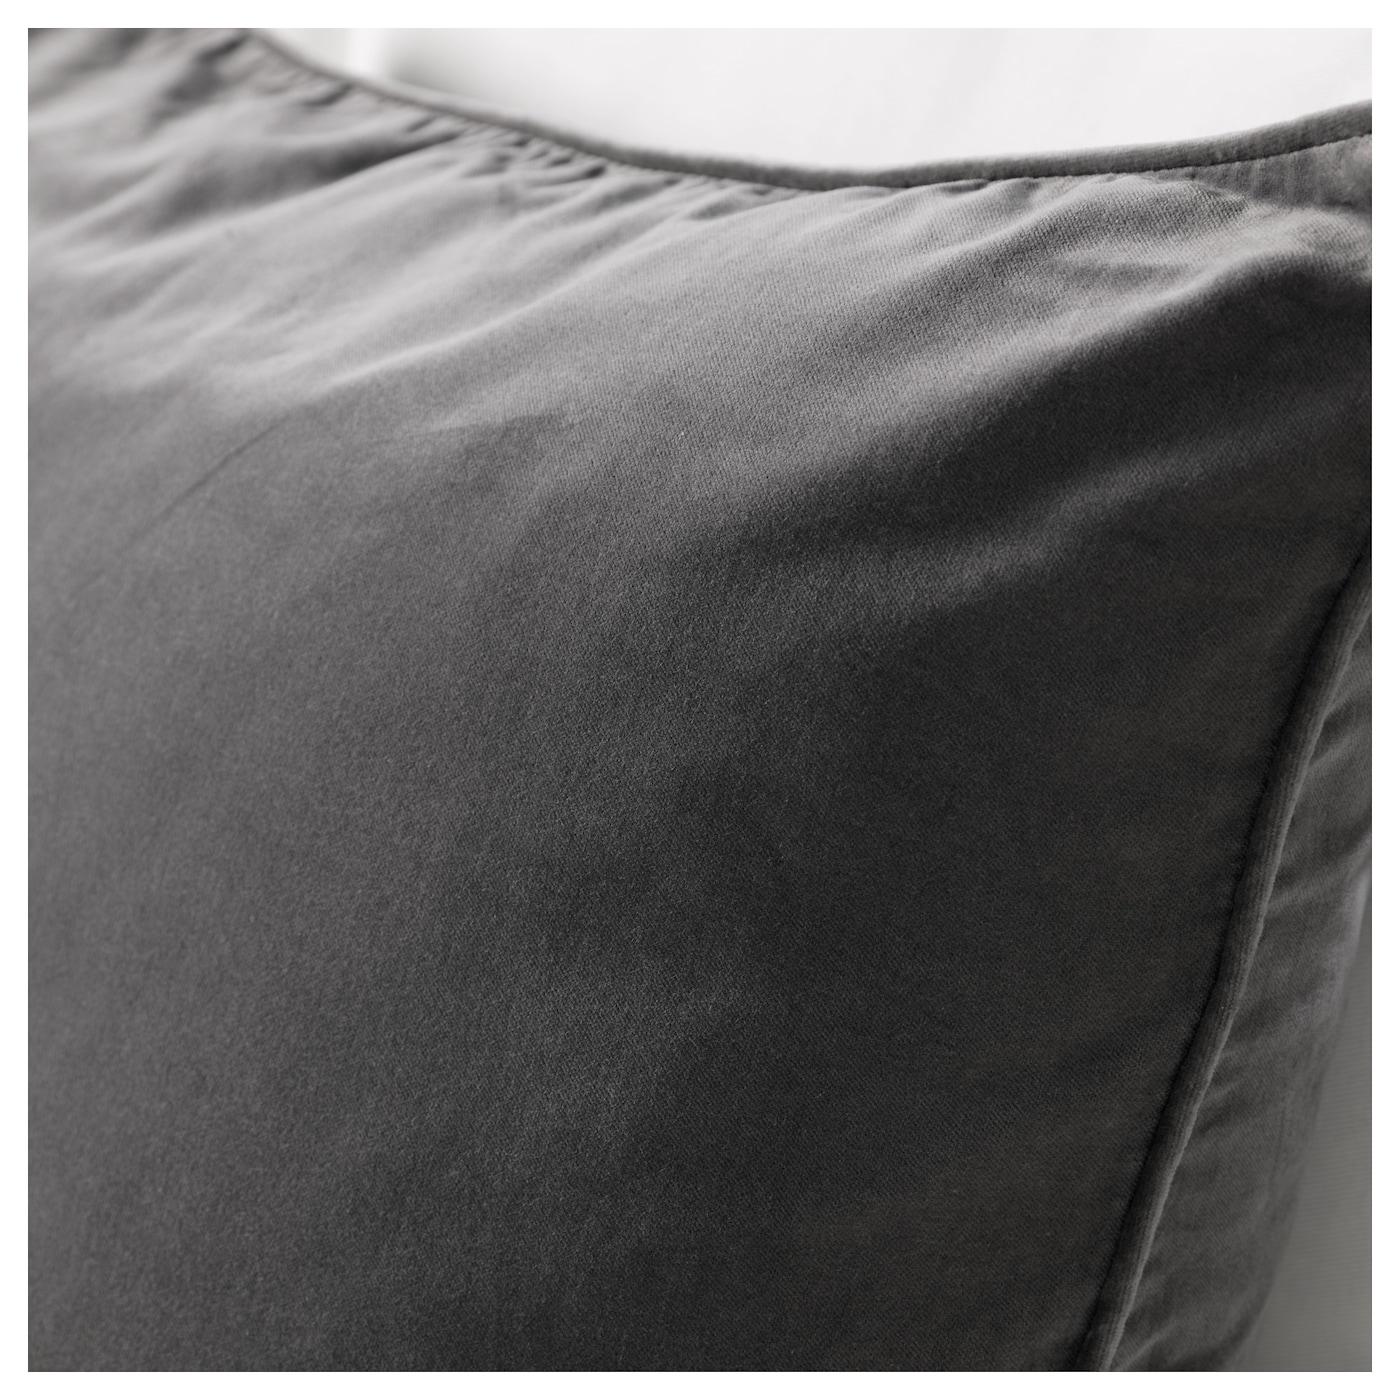 sanela housse de coussin gris 65x65 cm ikea. Black Bedroom Furniture Sets. Home Design Ideas